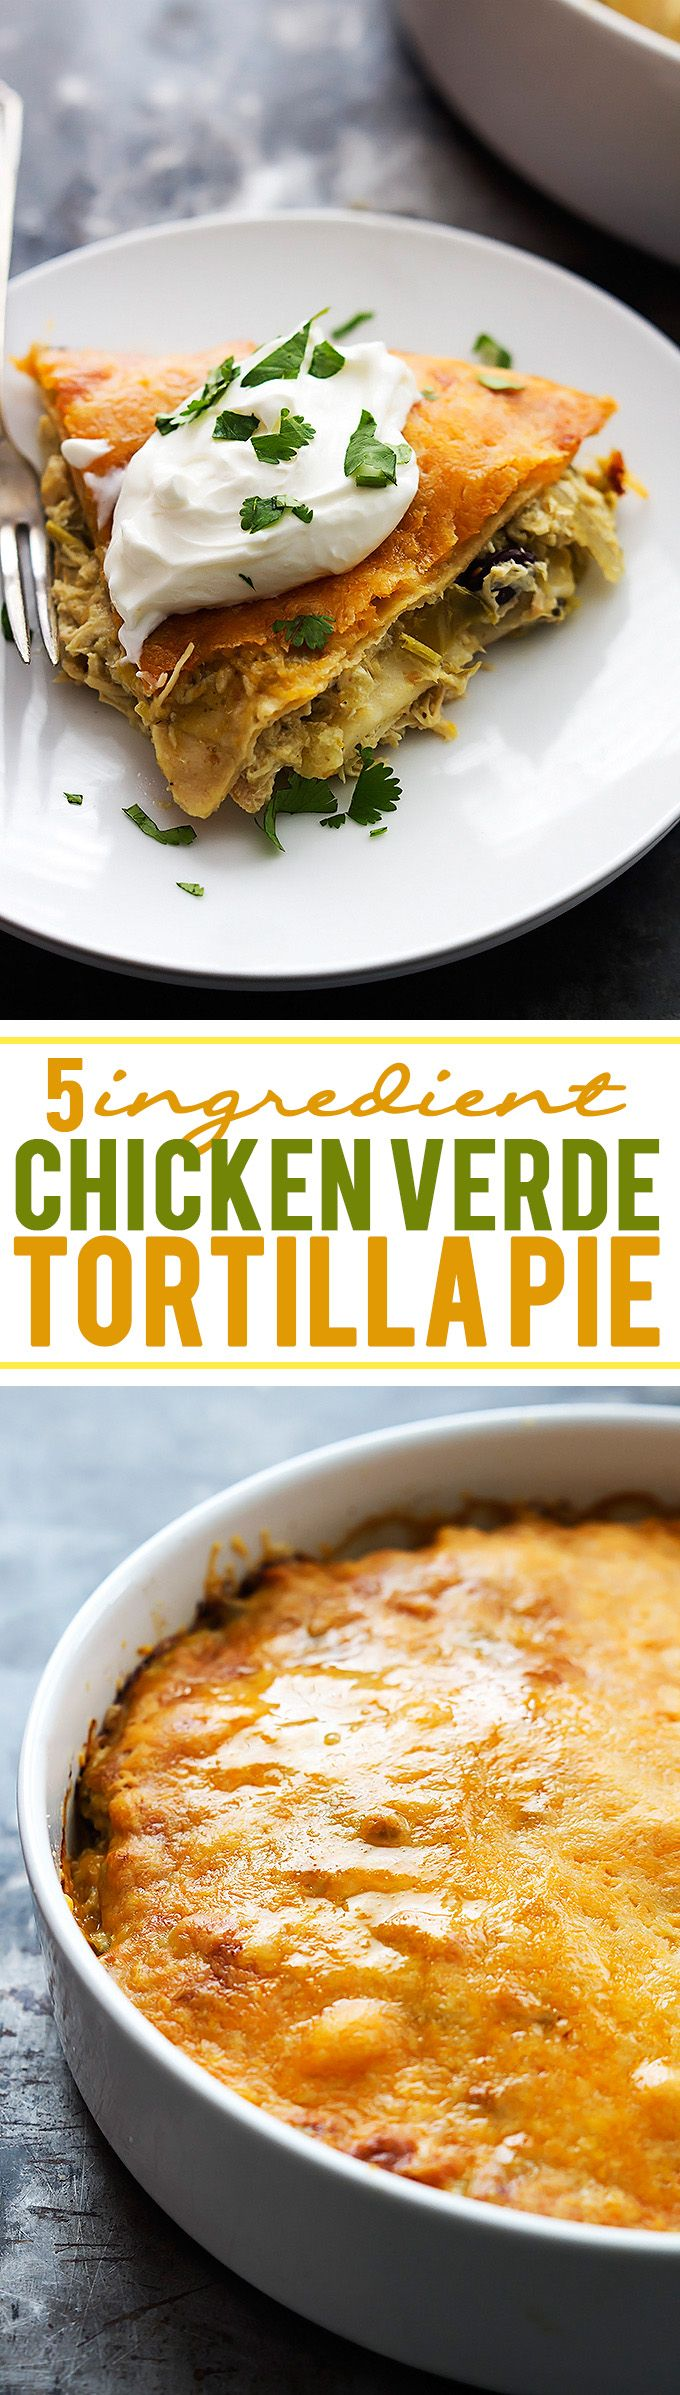 5 Ingredient Chicken Verde Tortilla Pie | Creme de la Crumb